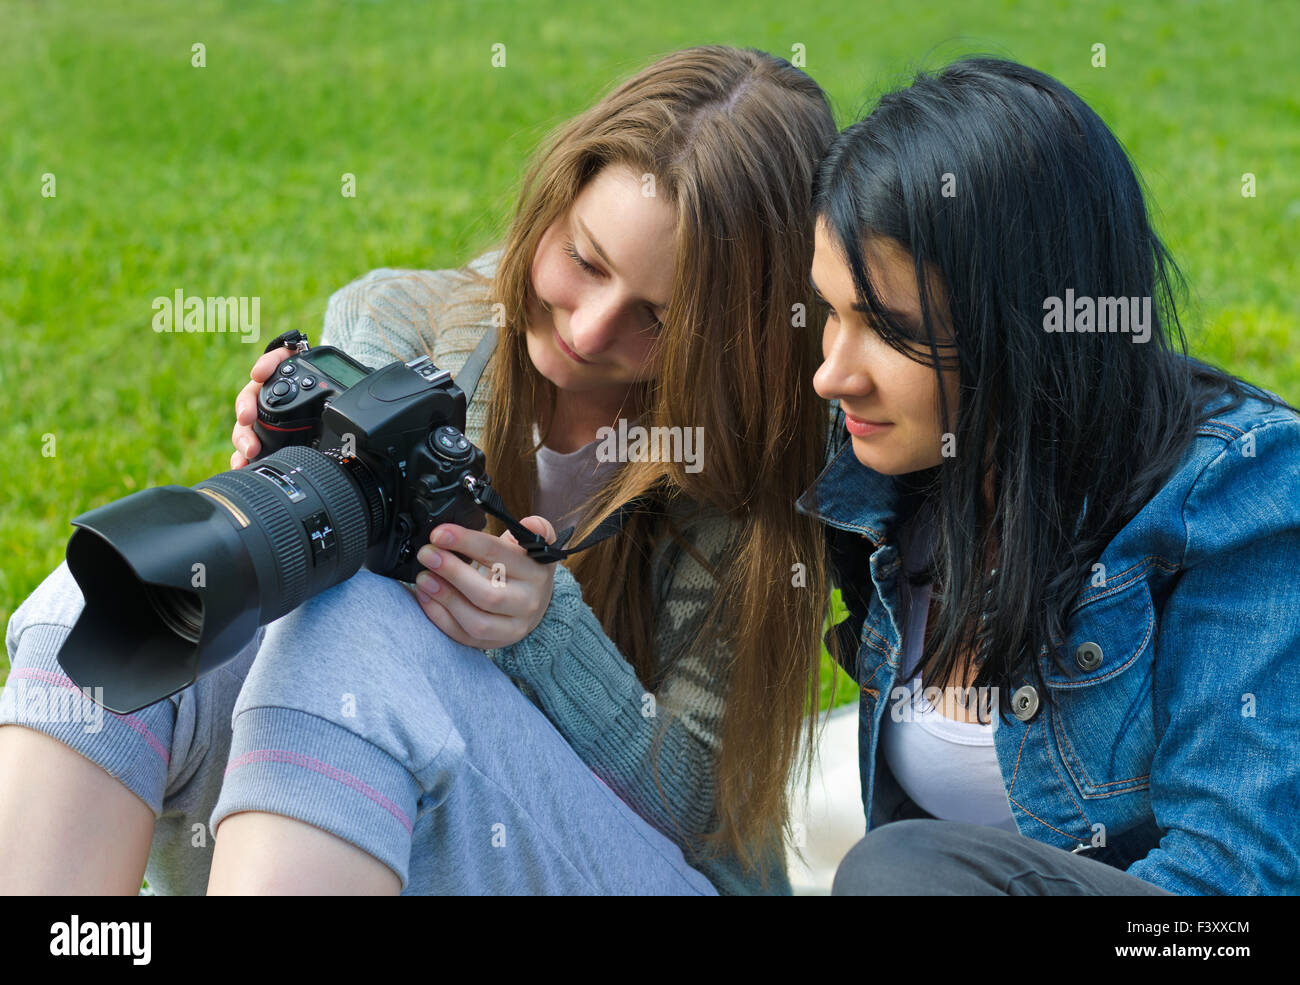 Le donne il mirino di controllo della telecamera Immagini Stock